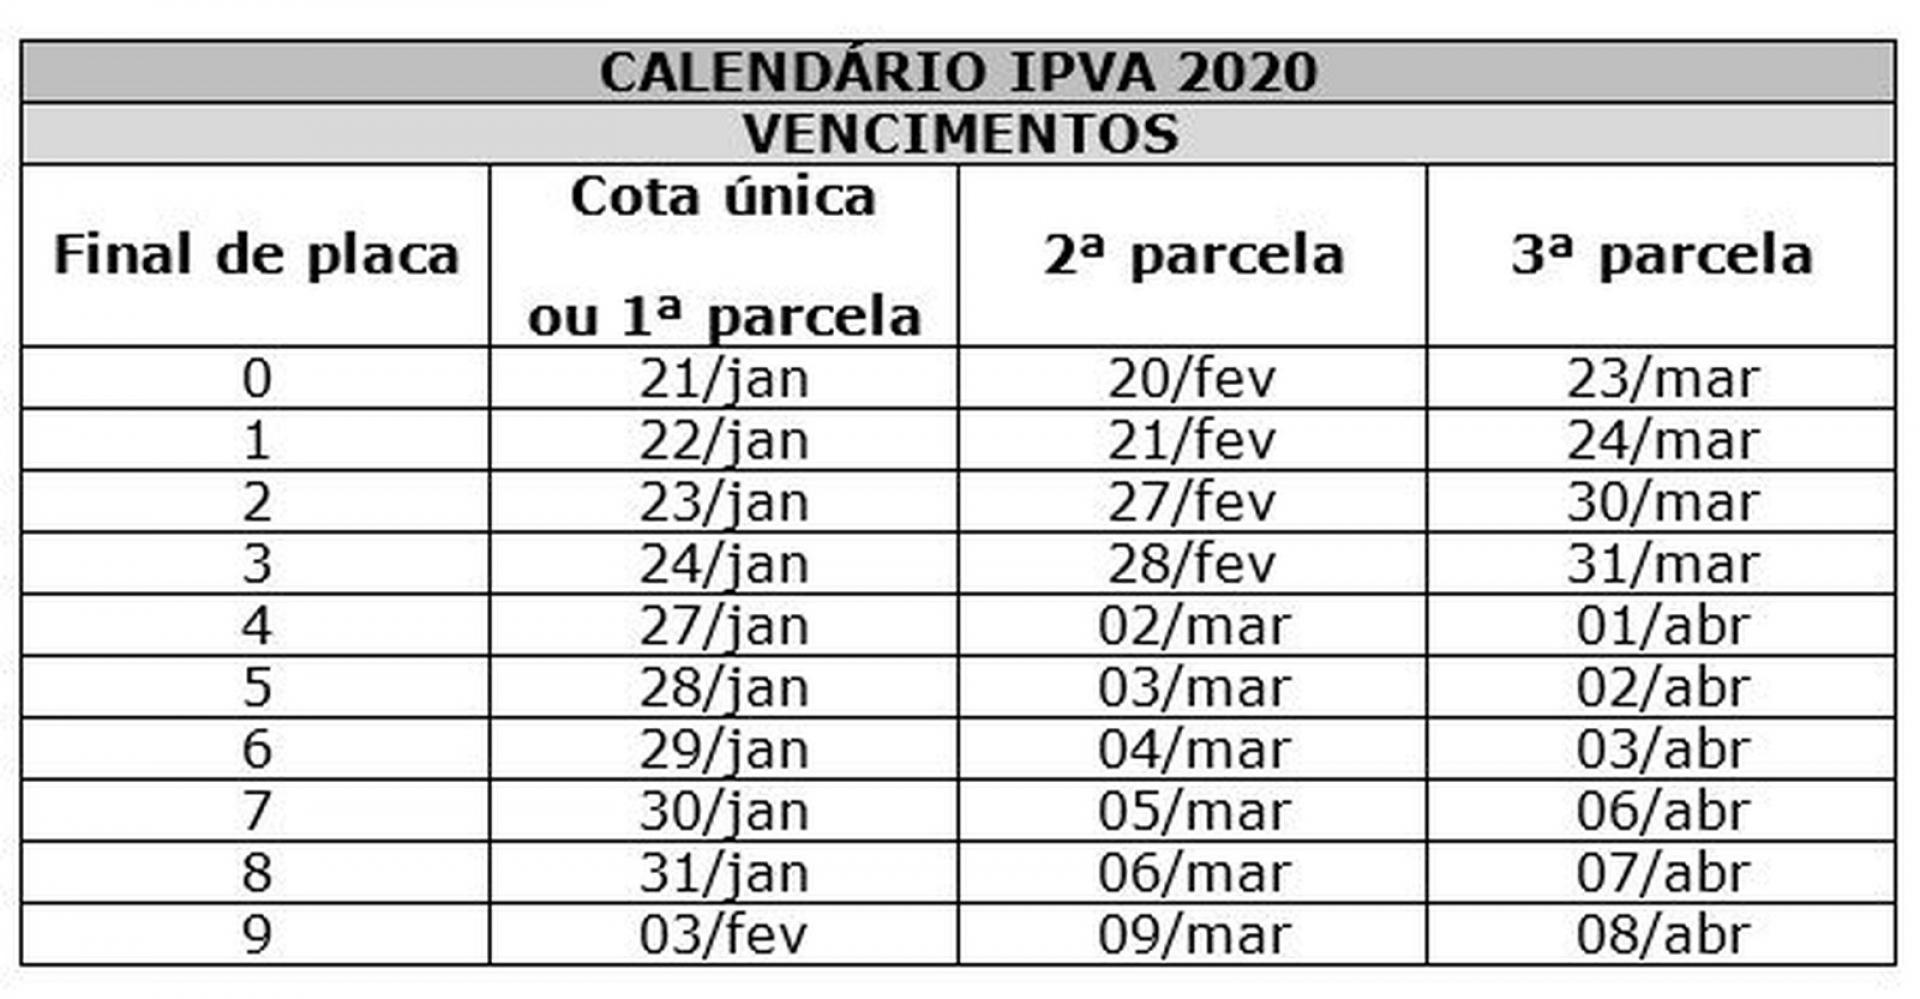 20ipva  1  15026339 - Guia de pagamento do IPVA estará disponível a partir desta sexta